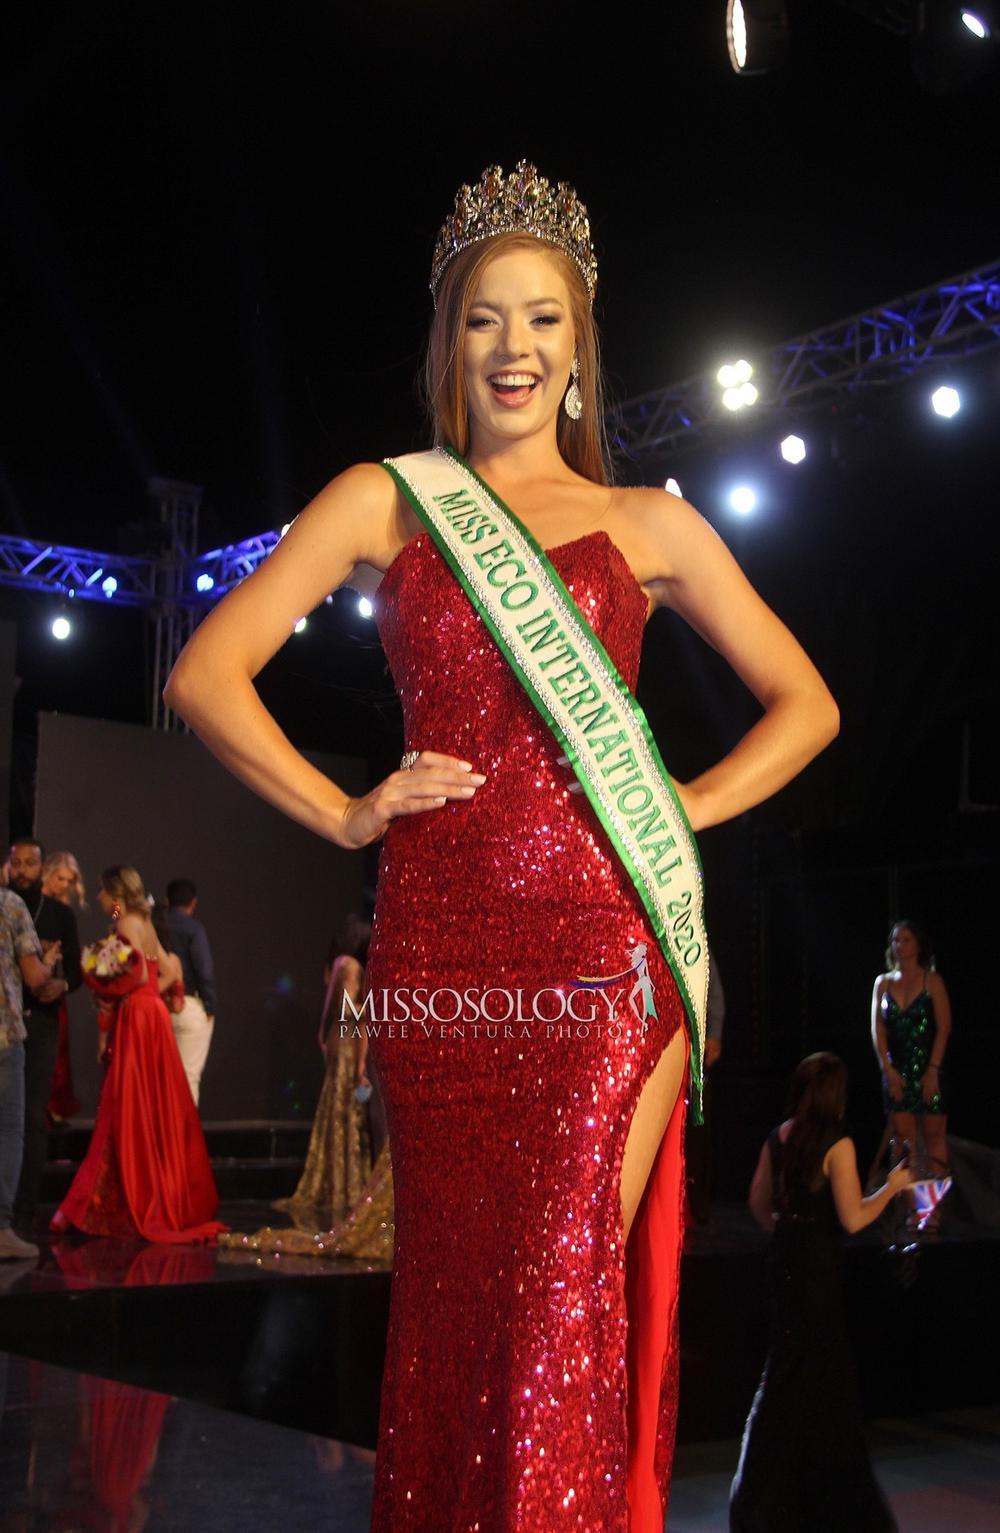 Á hậu 1 Miss Eco dương tính Covid-19, Đoàn Hồng Trang bày tỏ: 'Tôi bỏ thi là quyết định đúng đắn' Ảnh 1